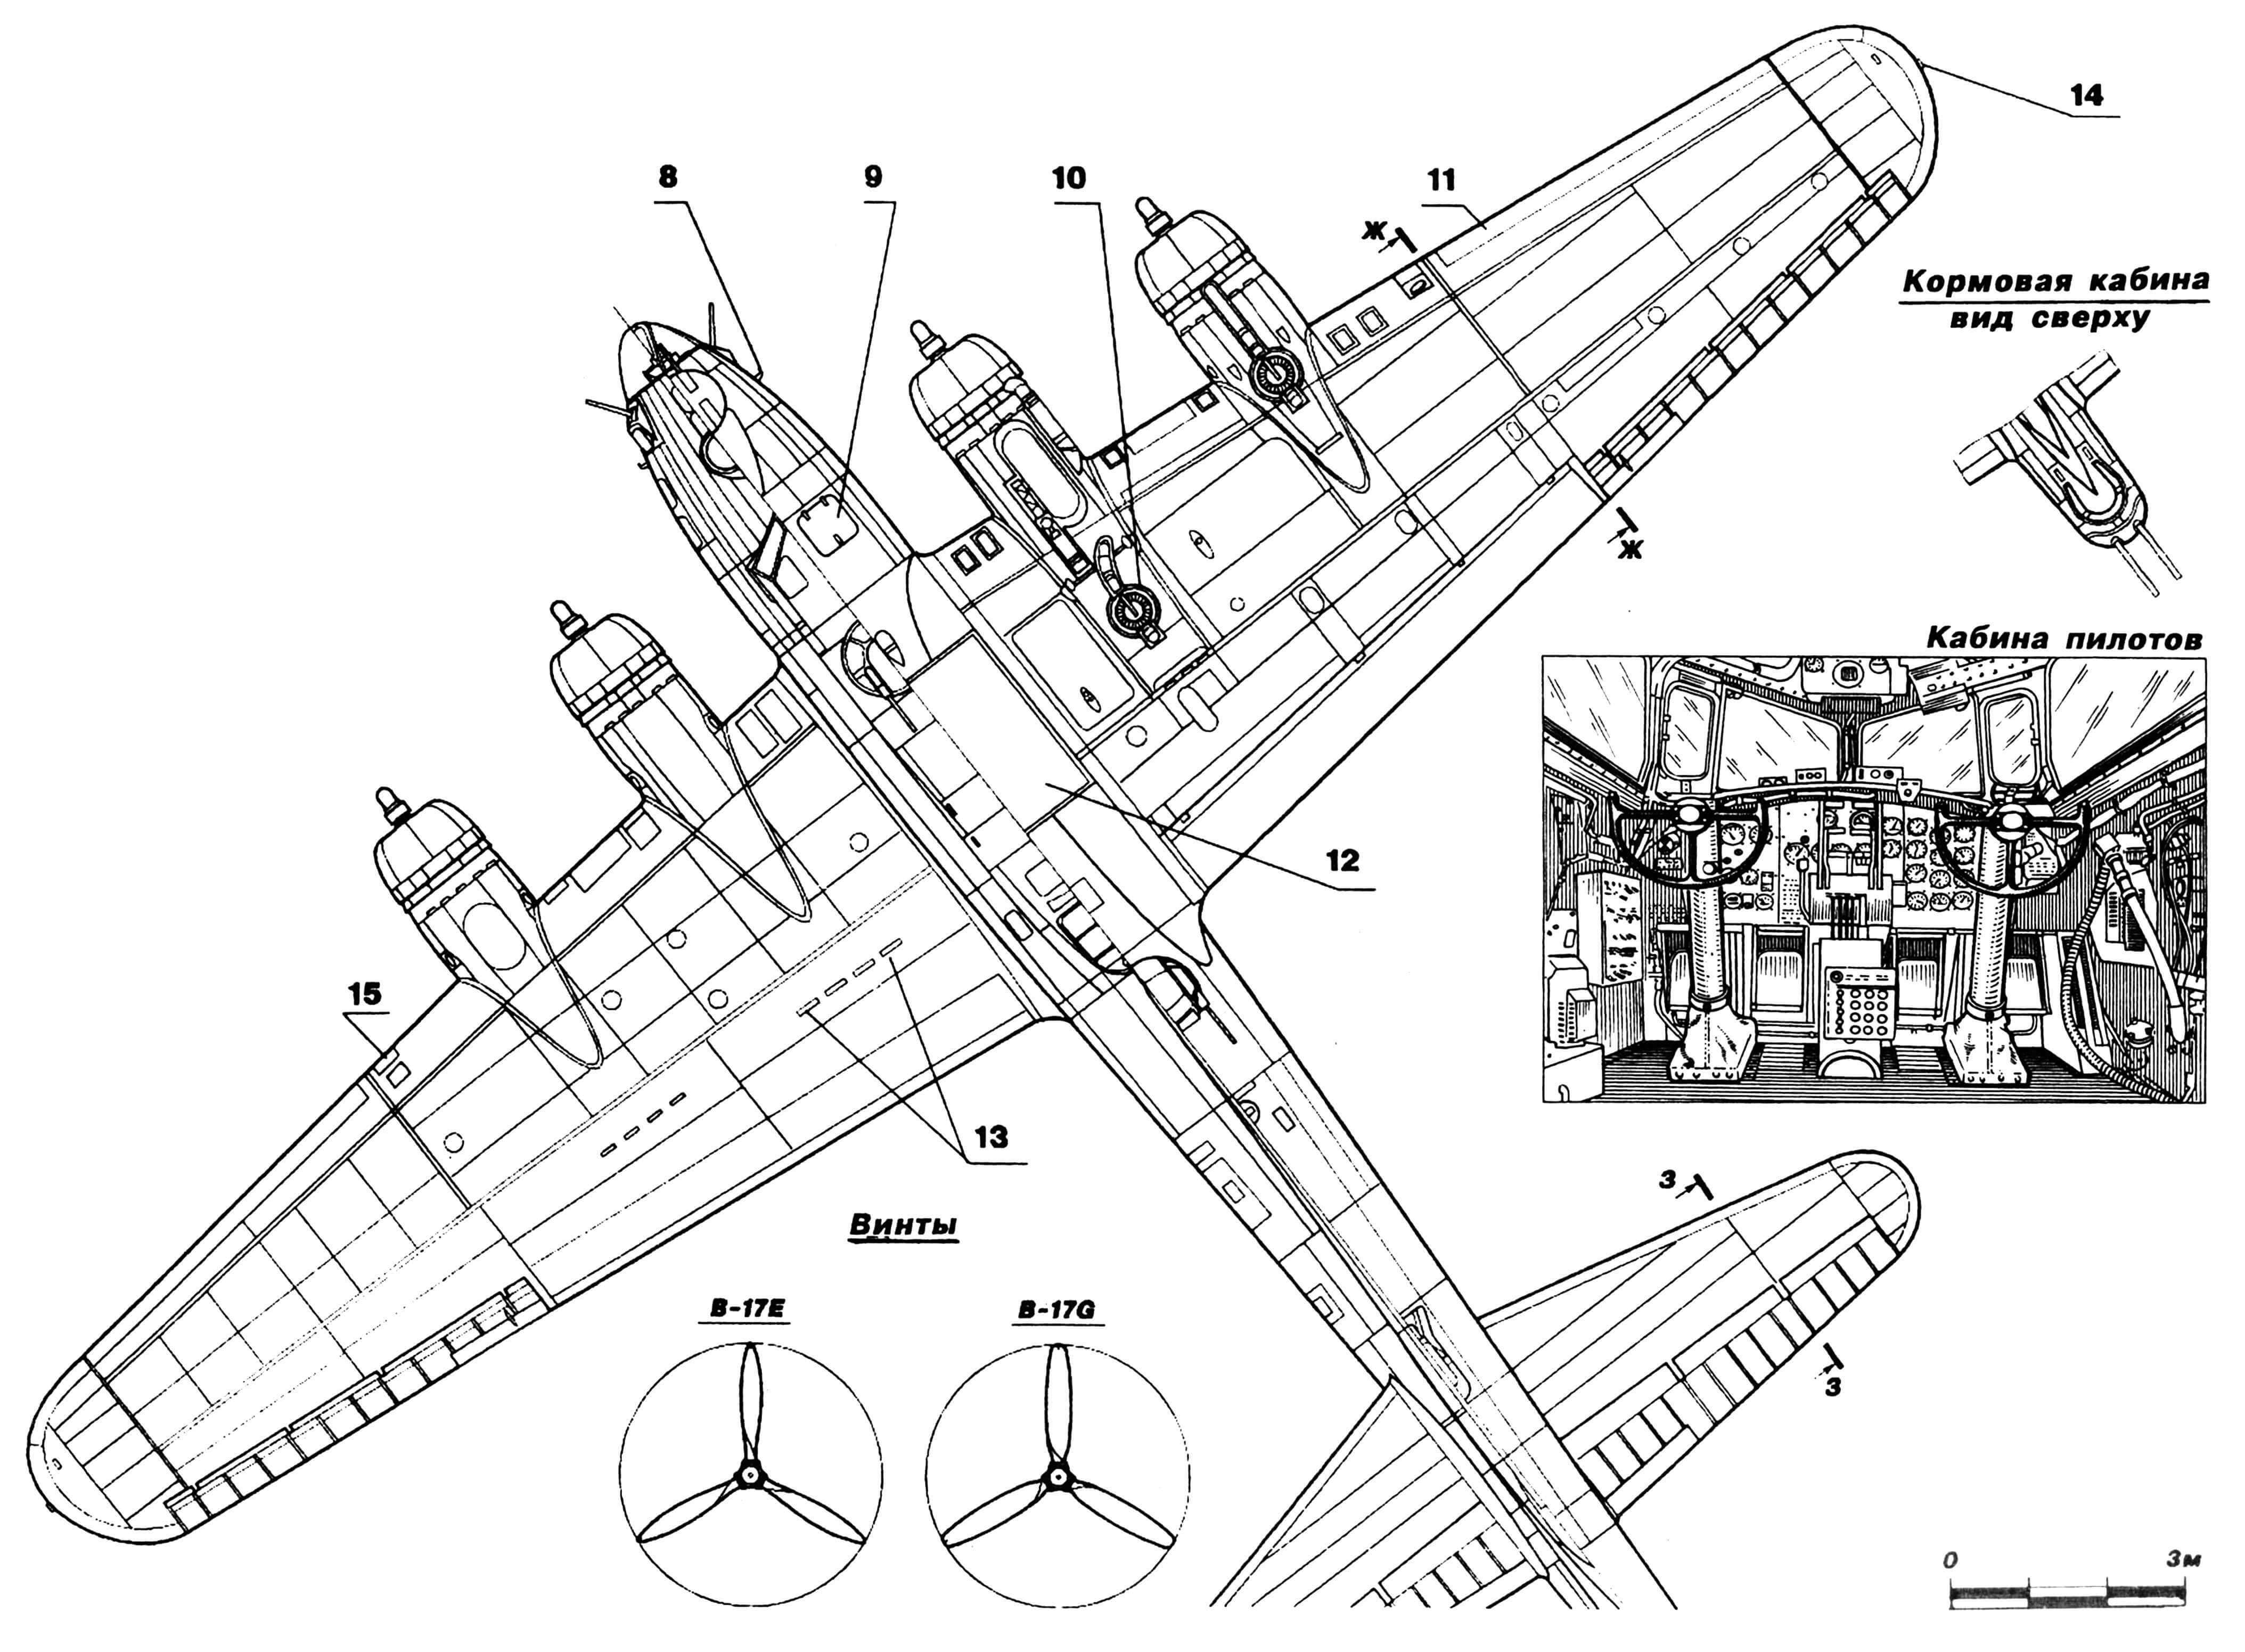 BOEING B-17G: 1 — купол астролюка, 2 — антенны КВ и СВ радиостанций, 3 — боковая стрелковая установка со смещением на разных бортах, 4 — хвостовая стрелковая башня системы «Чейенн», 5 — антенна УКВ радиостанции, 6 — обтекатель антенны радиолокатора, 7 — входные отверстия тоннелей маслорадиаторов, 8 — ПВД (трубка Пито), 9 — входной люк передней кабины экипажа, 10 — турбонагнетатель двигателя, 11 — резиновый противообледенитель Гудрич, 12 — створка бомбоотсека, 13 — выходные щели тоннелей маслорадиаторов, 14 — аэронавигационные огни, 15 — посадочная фара.